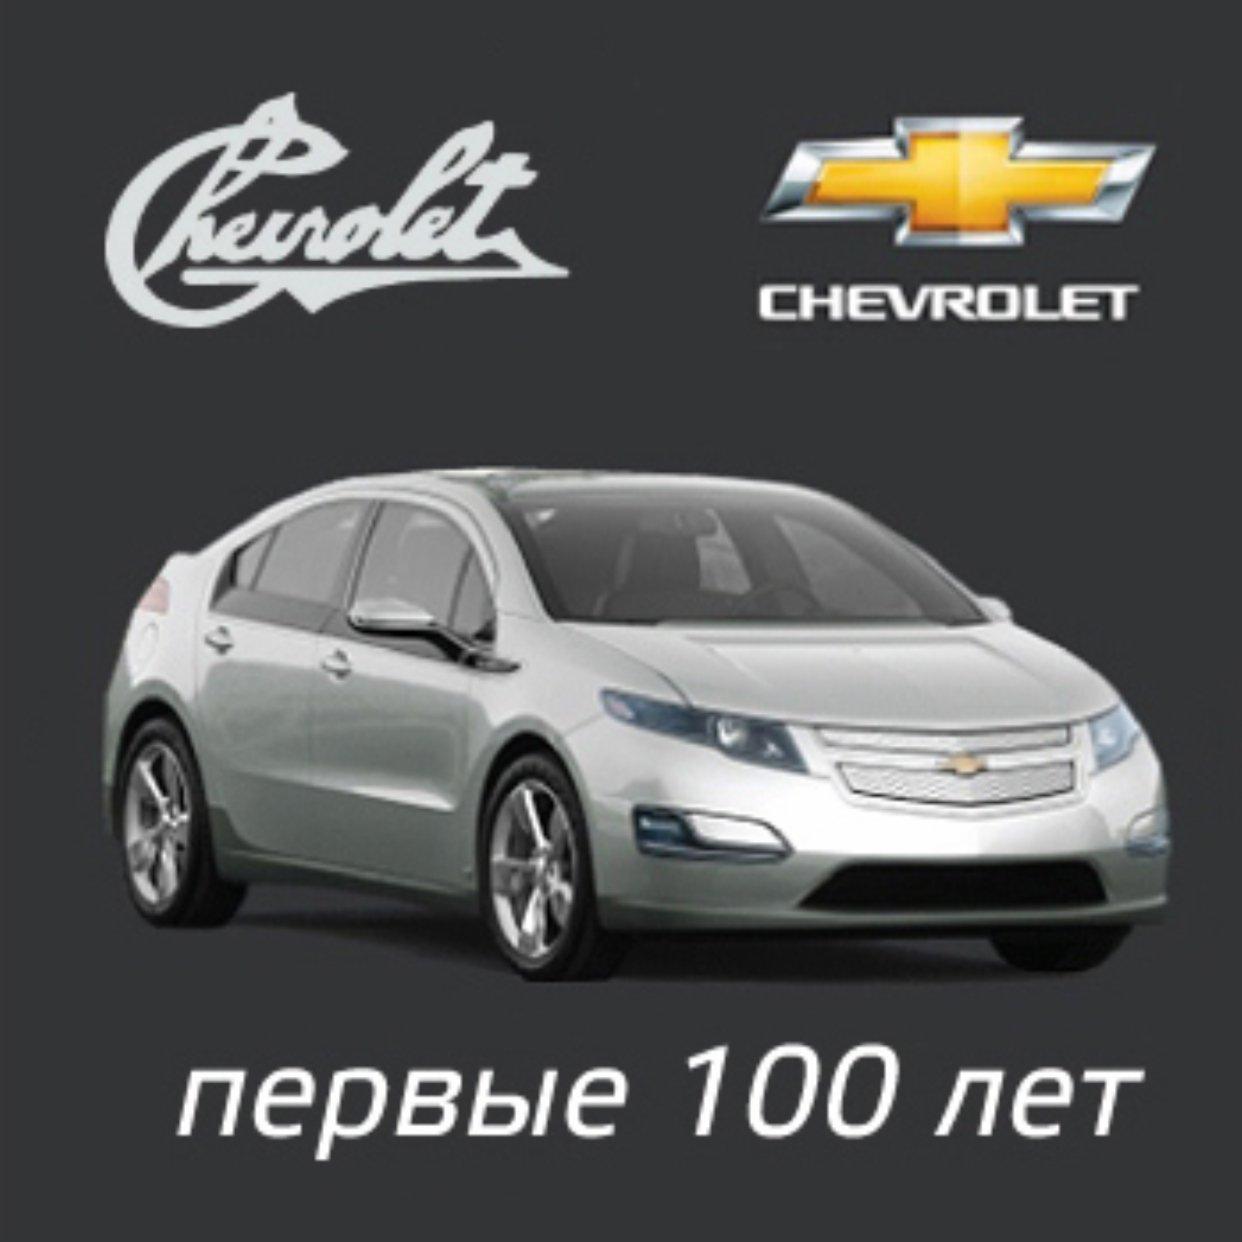 Chevrolet. Первые сто лет